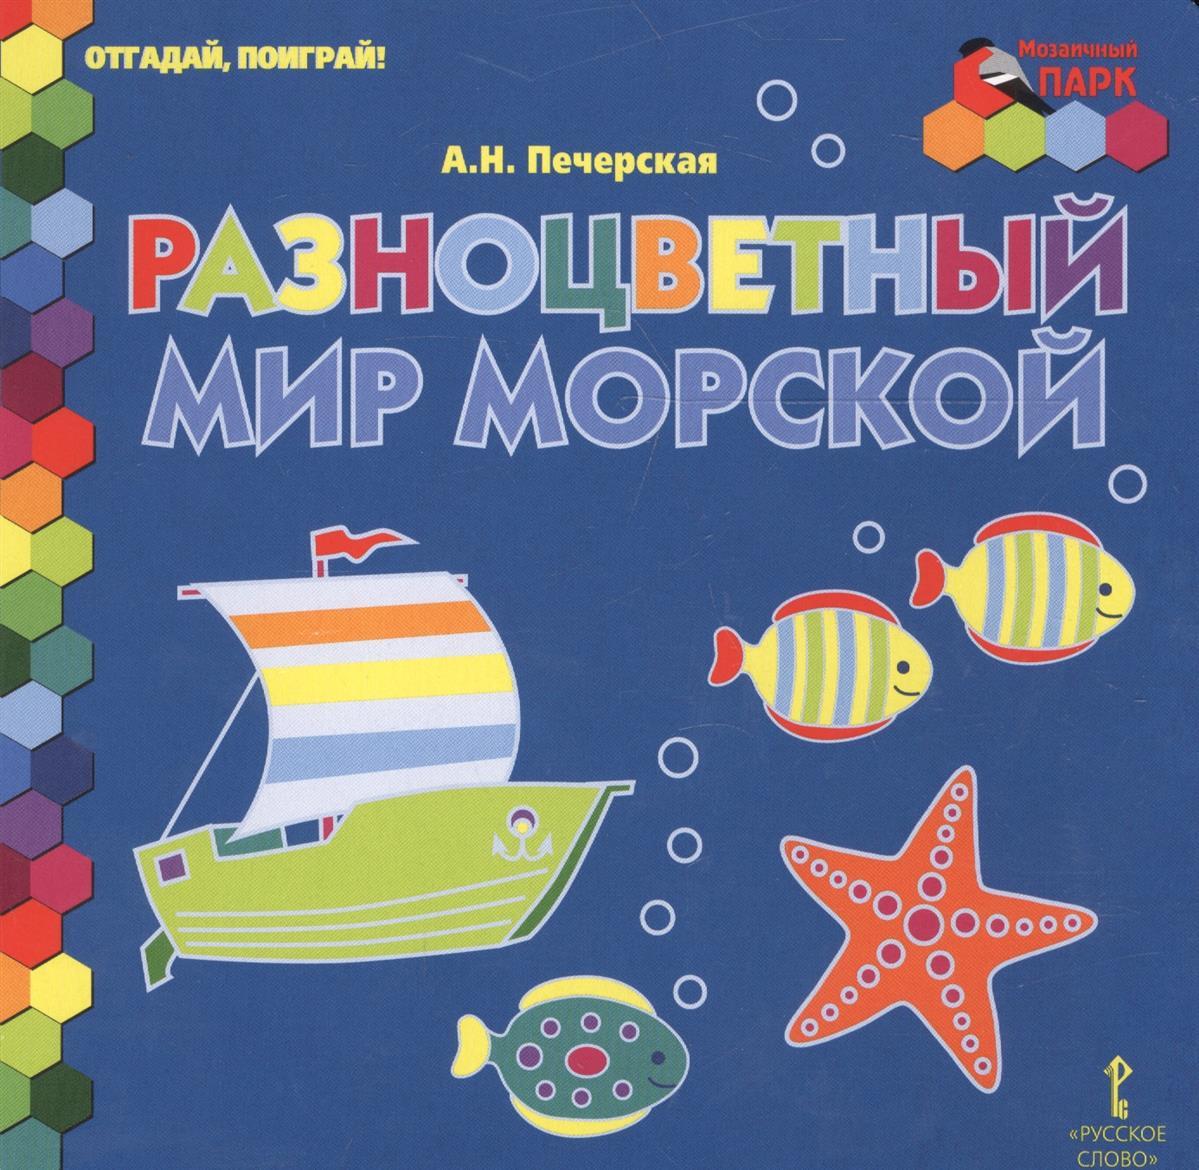 Печерская А. Разноцветный мир морской наталья печерская одиннадцать… 1998 2009 стихи